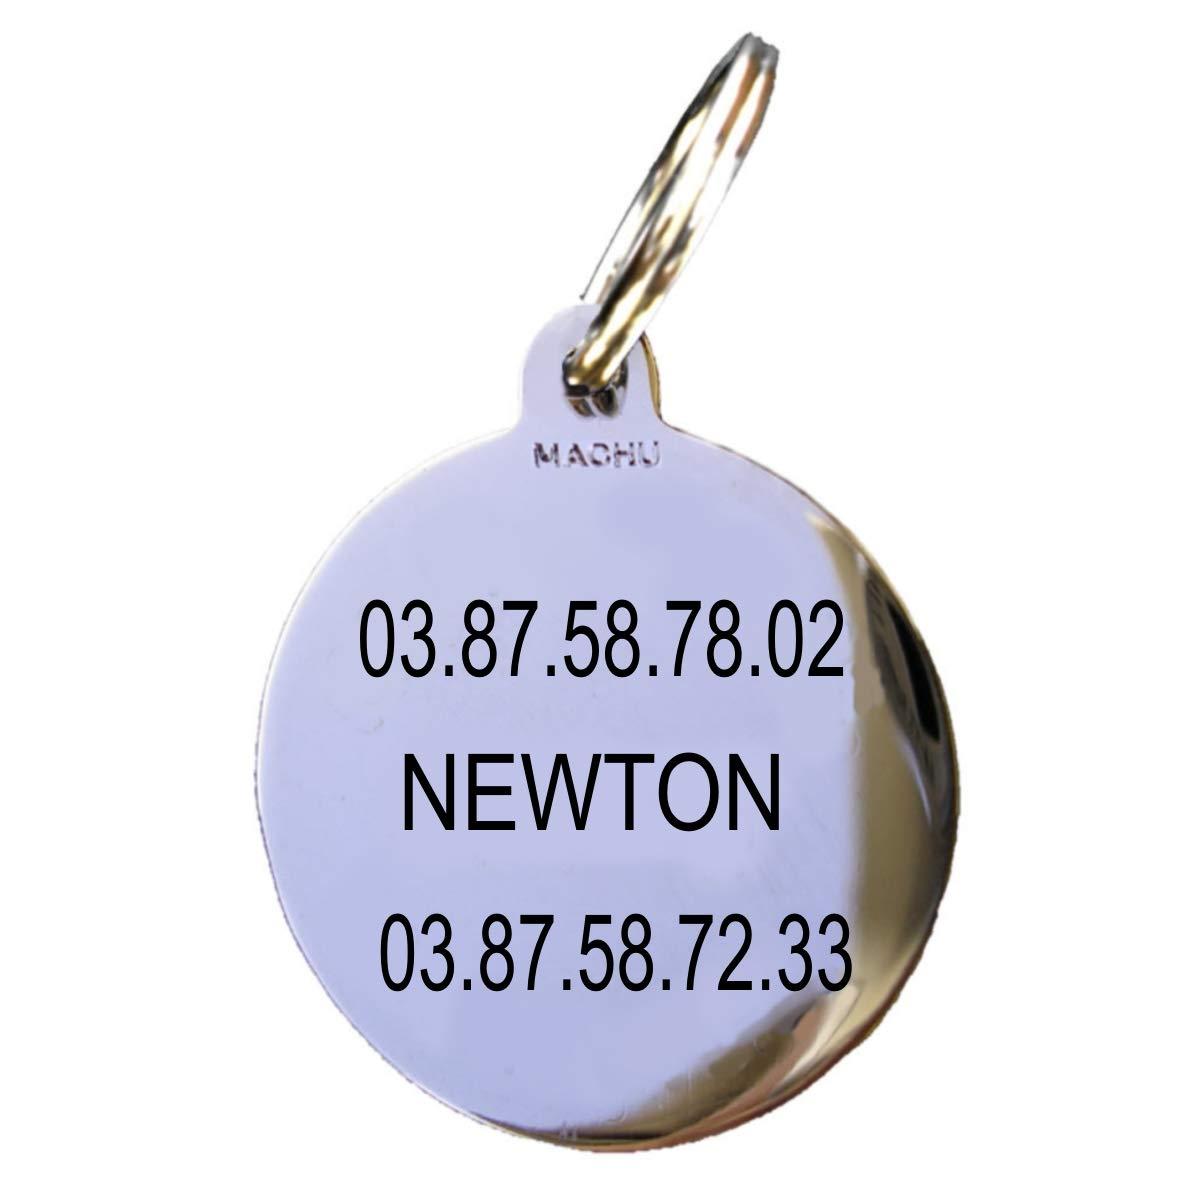 MACHU * Médaille Chien chromée 3 cm - Convient à Grand Chien - 3 Lignes de Gravure Profondes soignées Incluse dans Le Prix.